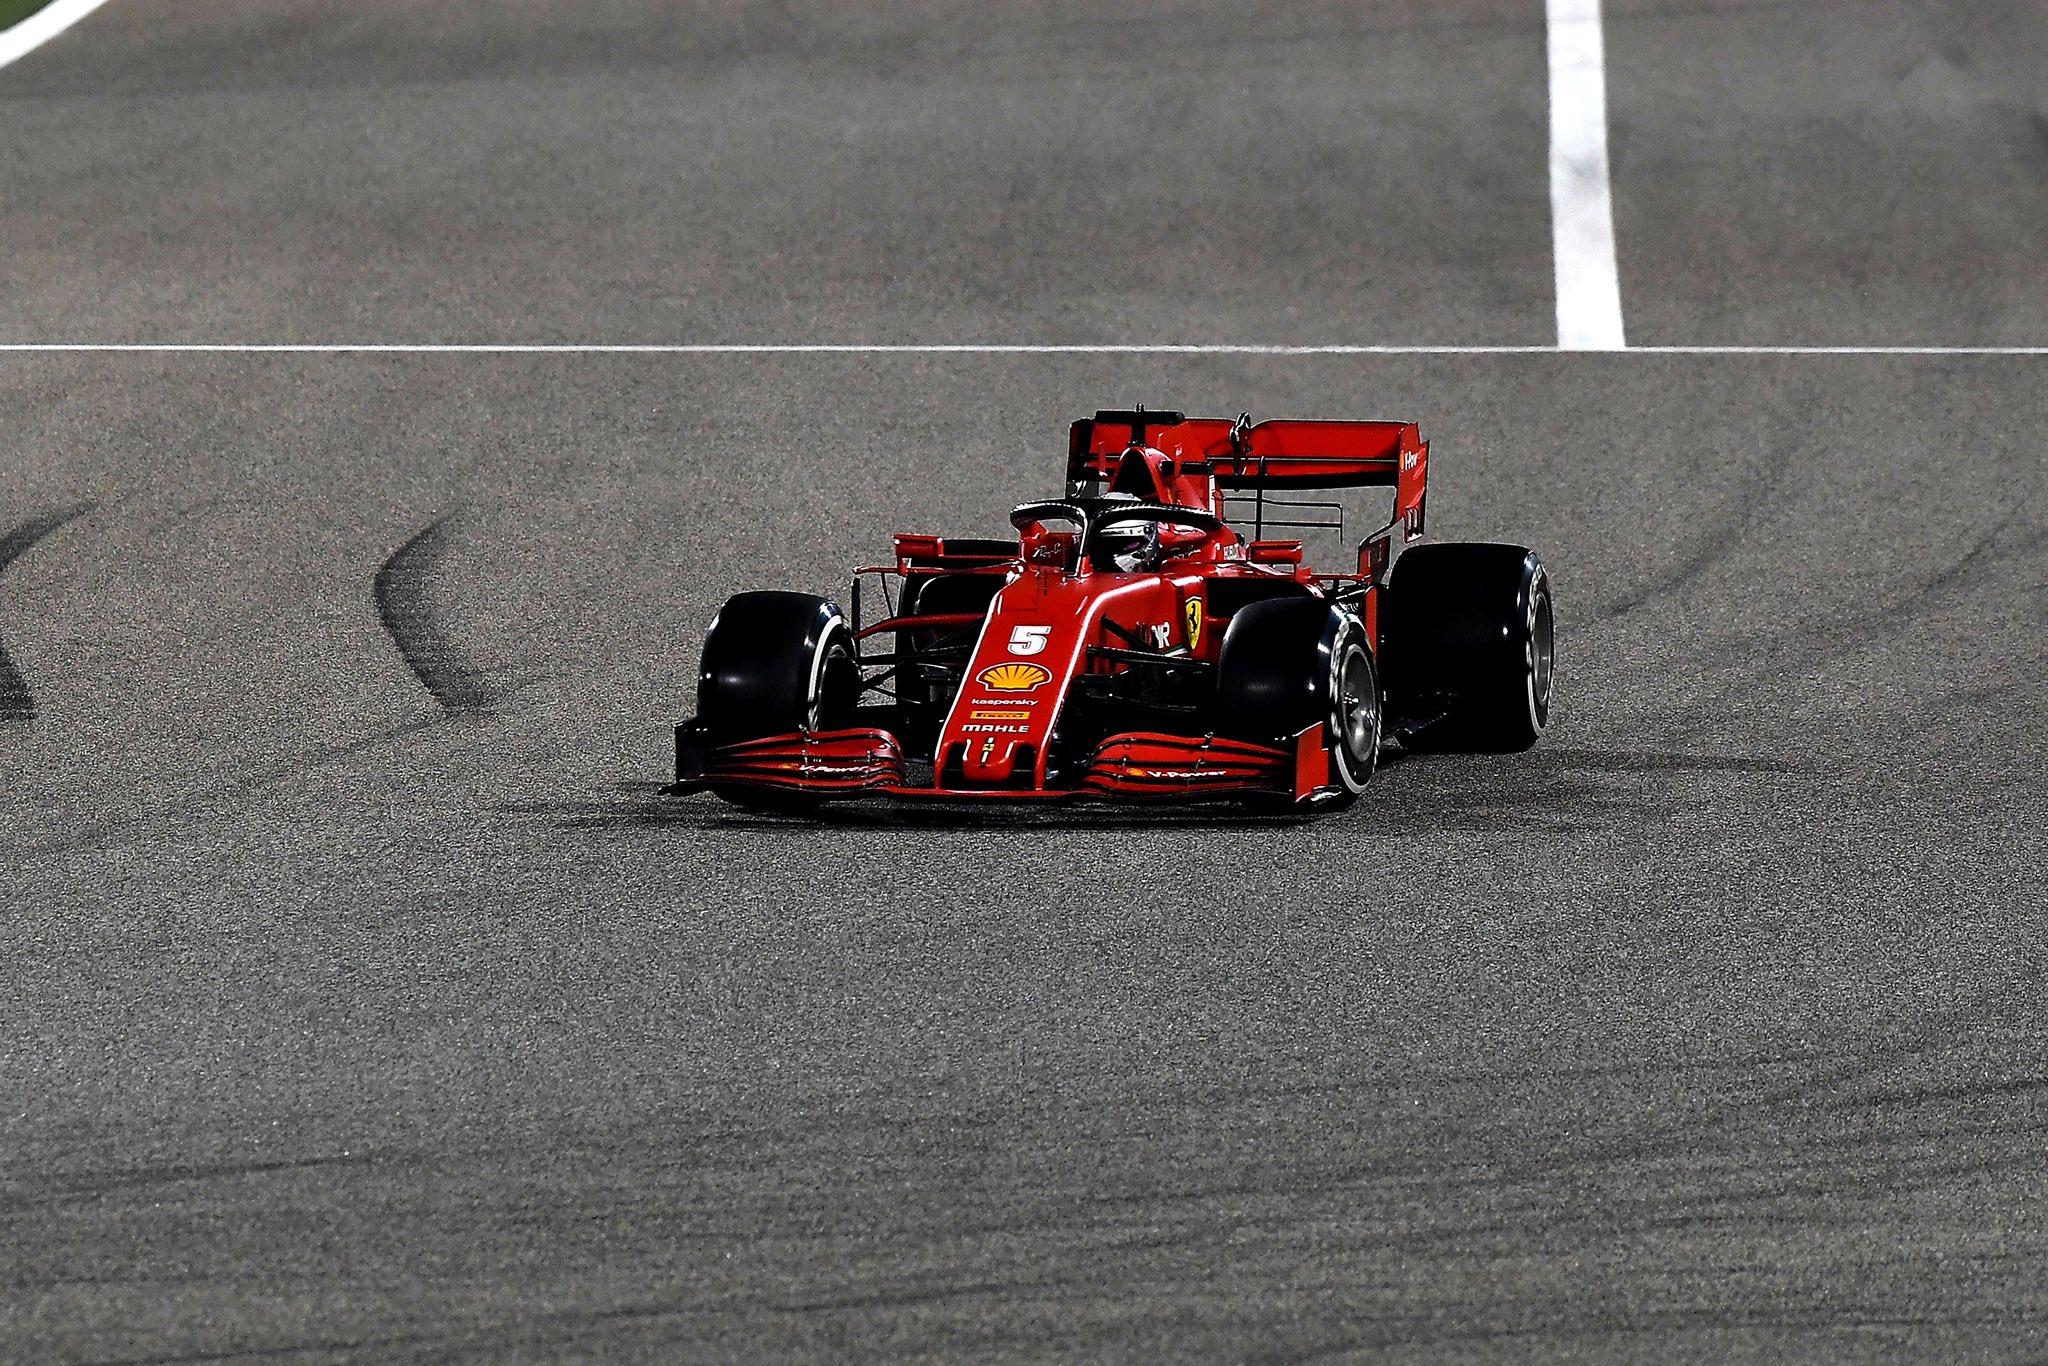 Ferrari: Vettel dietro Russell, Leclerc acciuffa un punticino...